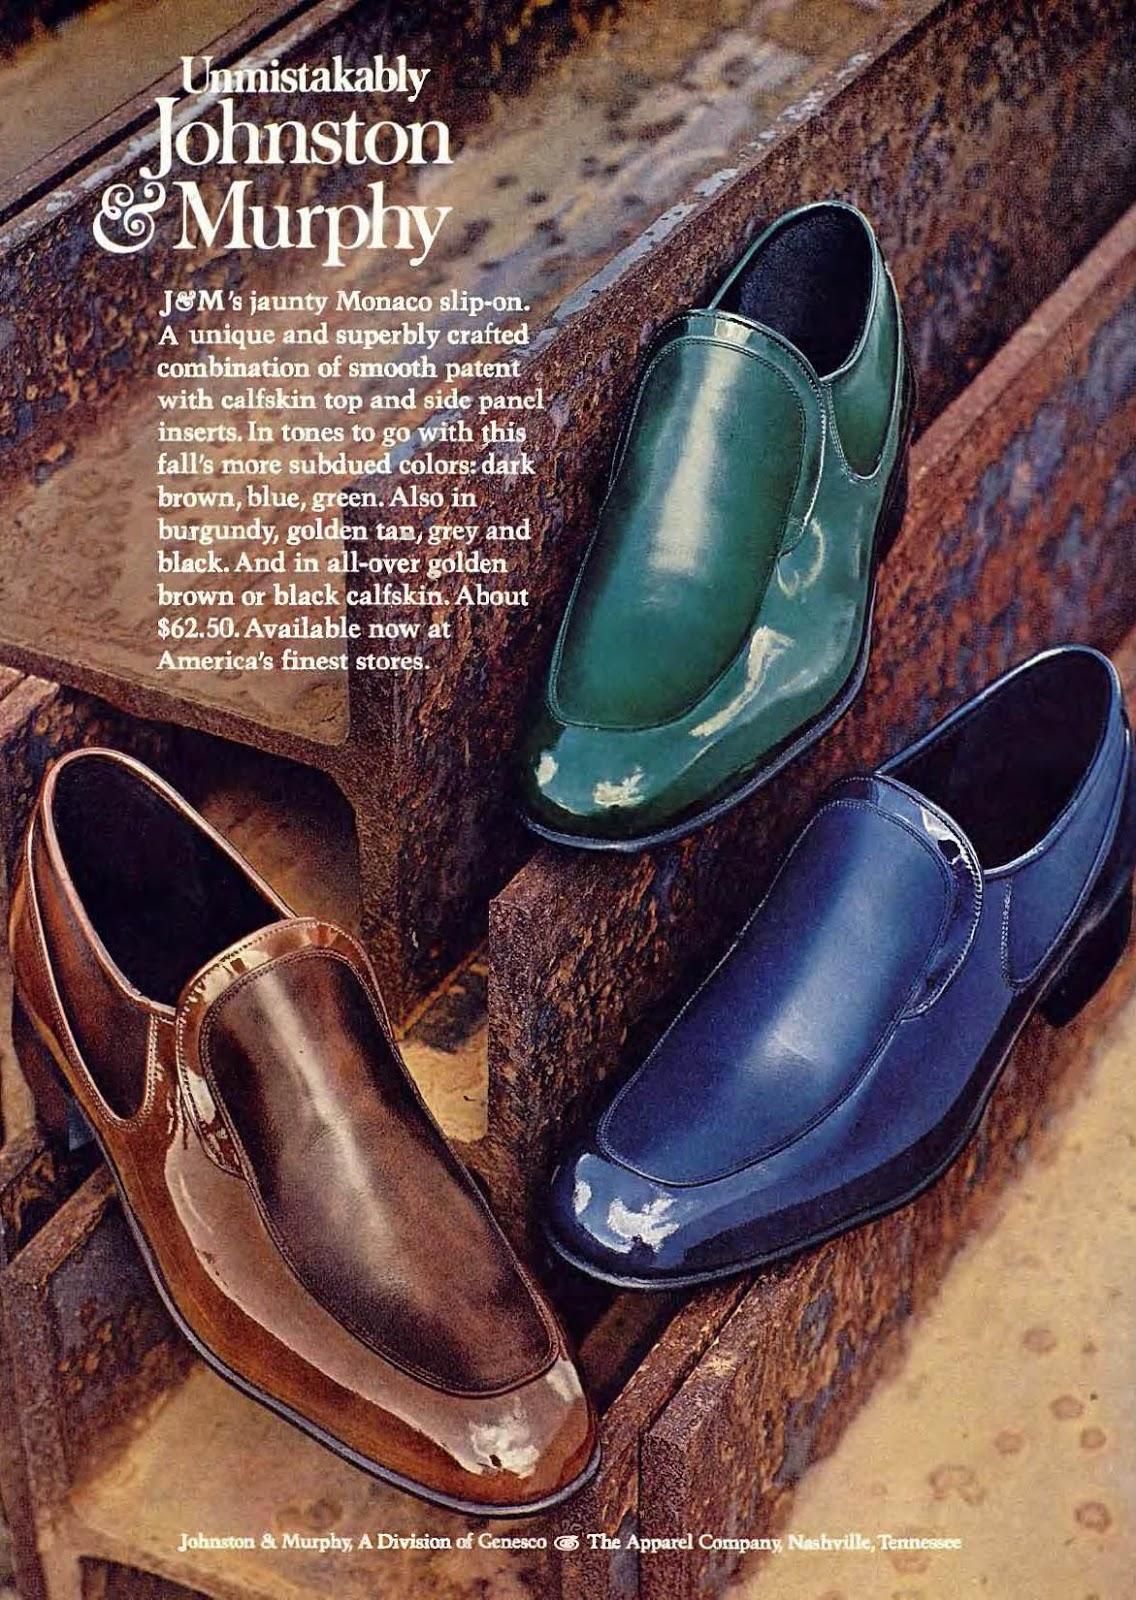 b6e30c86f Masculinos Masculinos 70 Anos Nostalgiarama dos Calçados Sqfwd8S